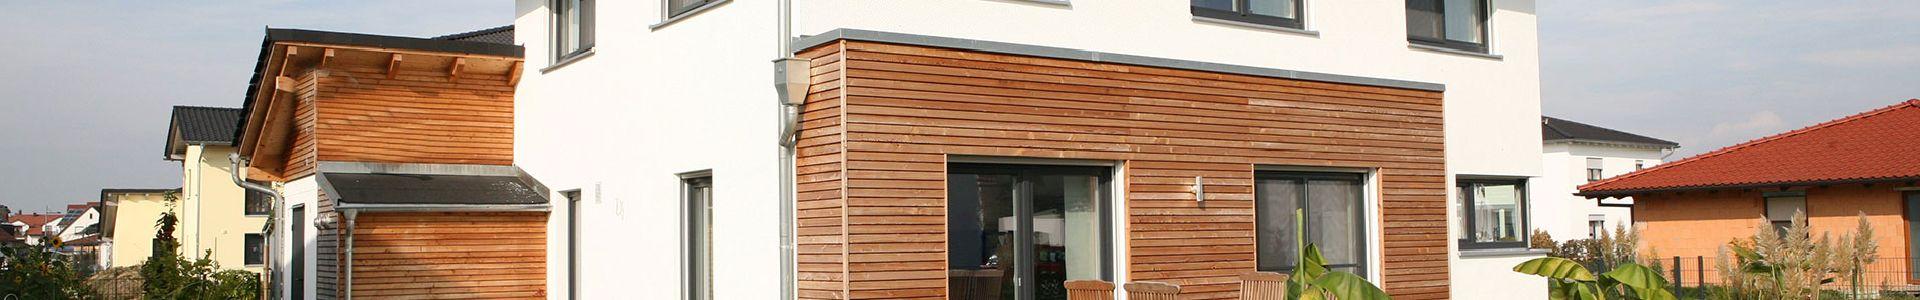 Profilholz für Fassaden